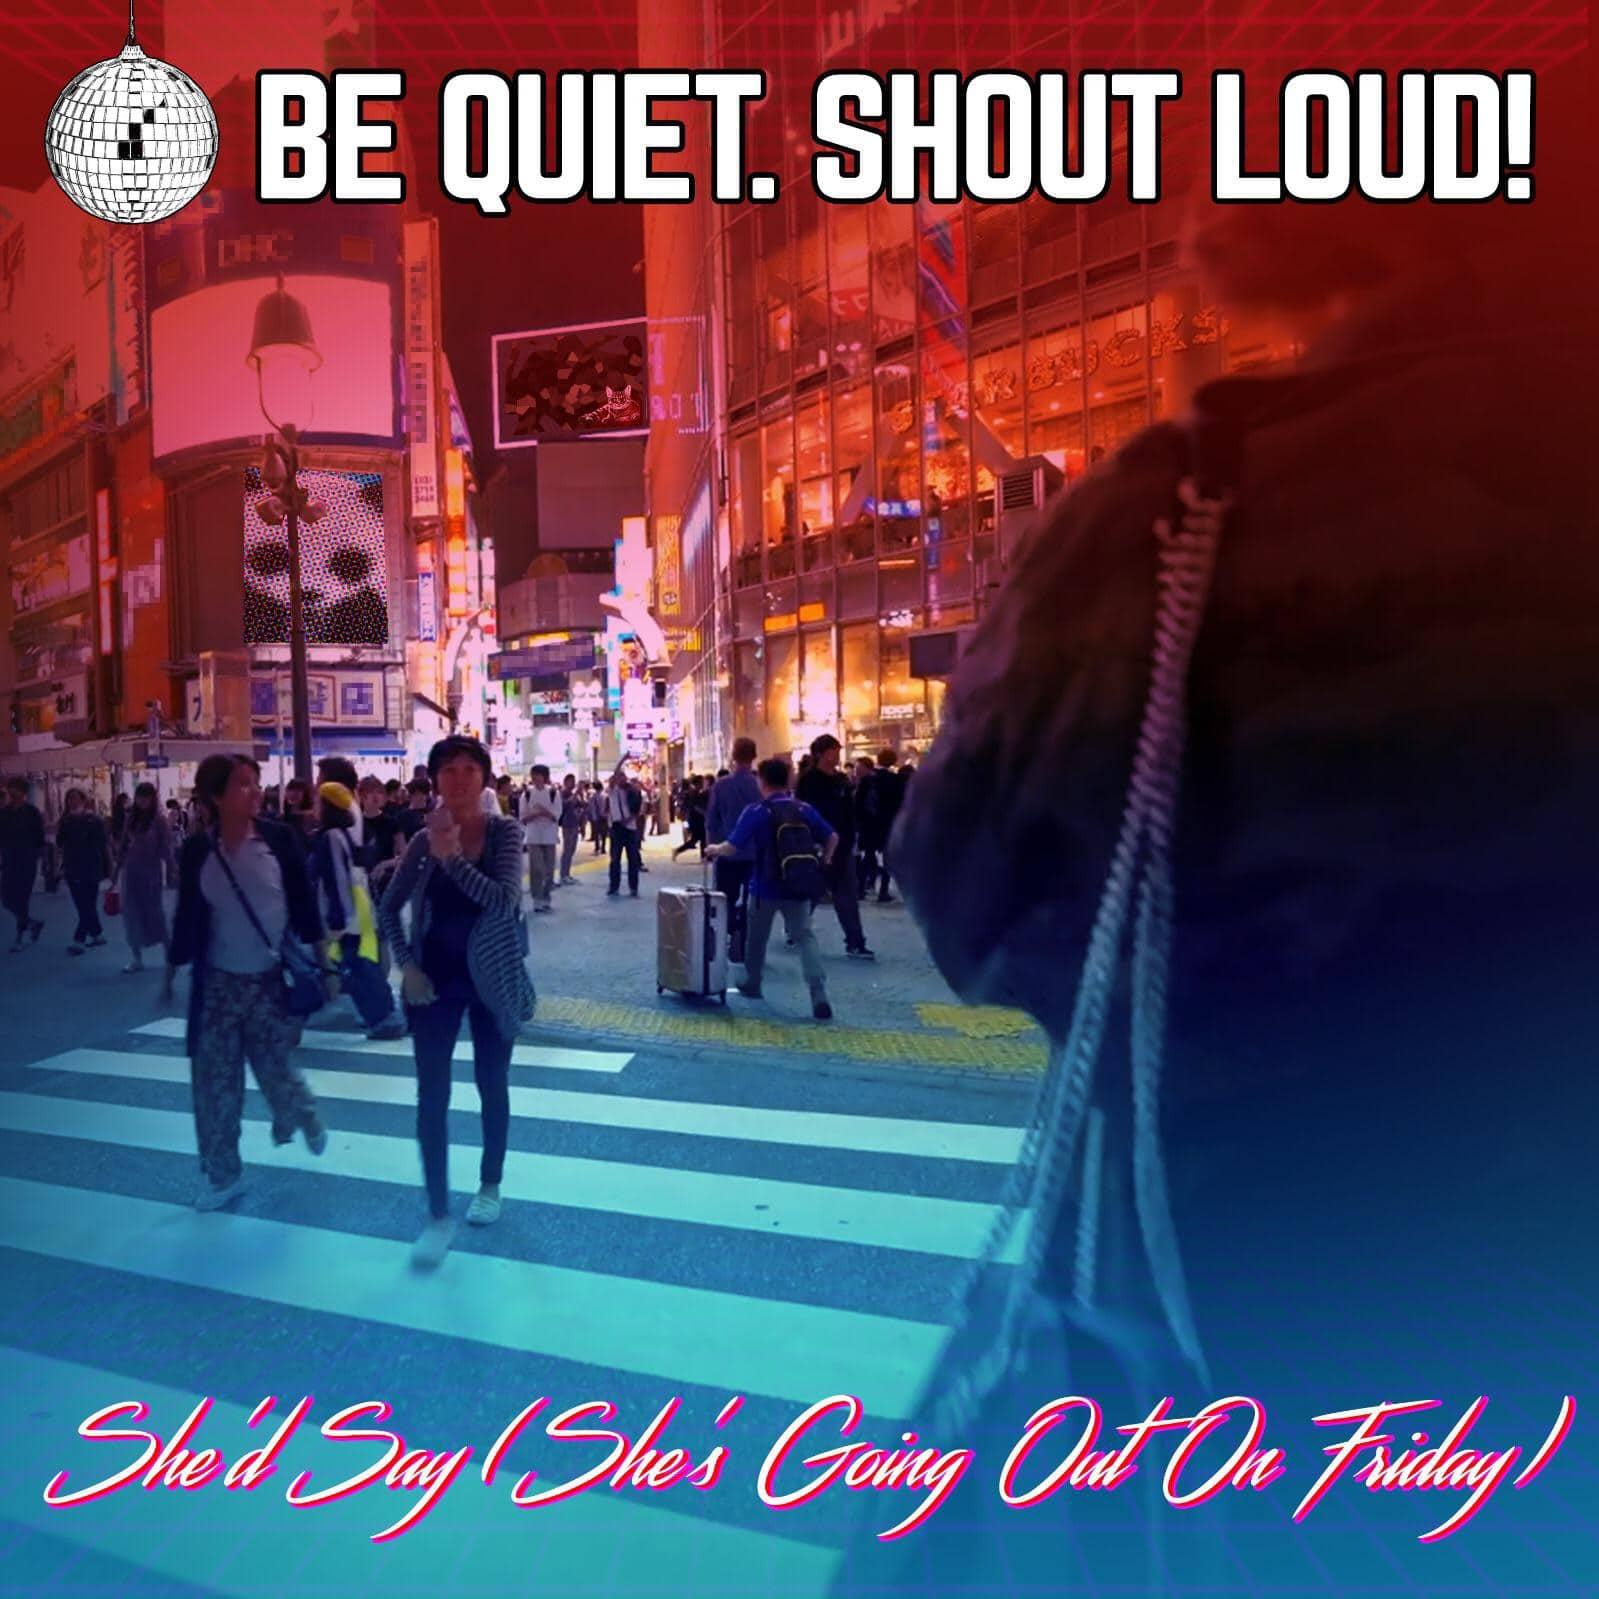 Be Quiet. Shout Loud! single artwork